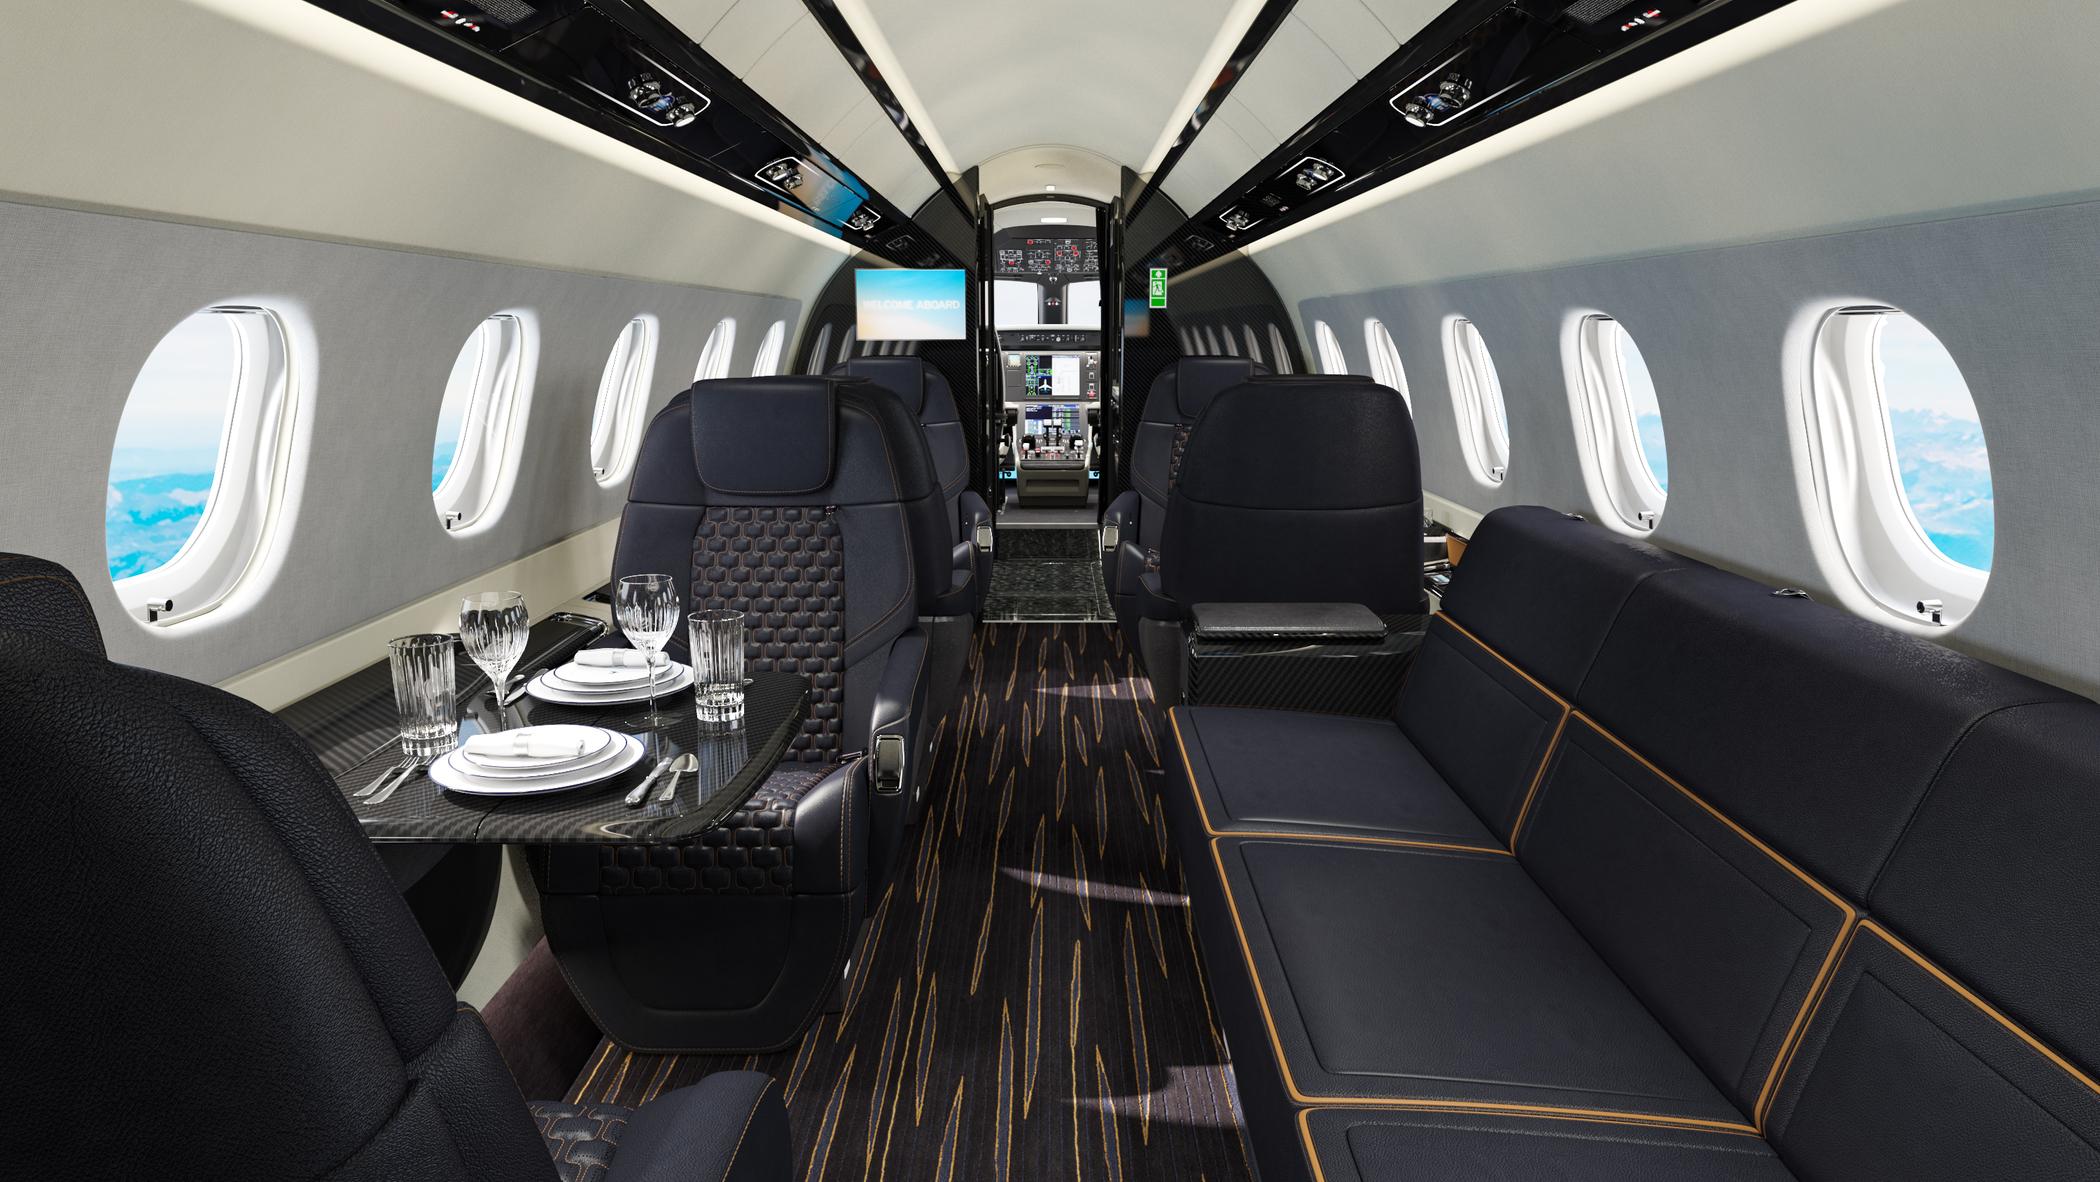 Embraer Lan 231 A Os Jatos Executivos Praetor 500 E Praetor